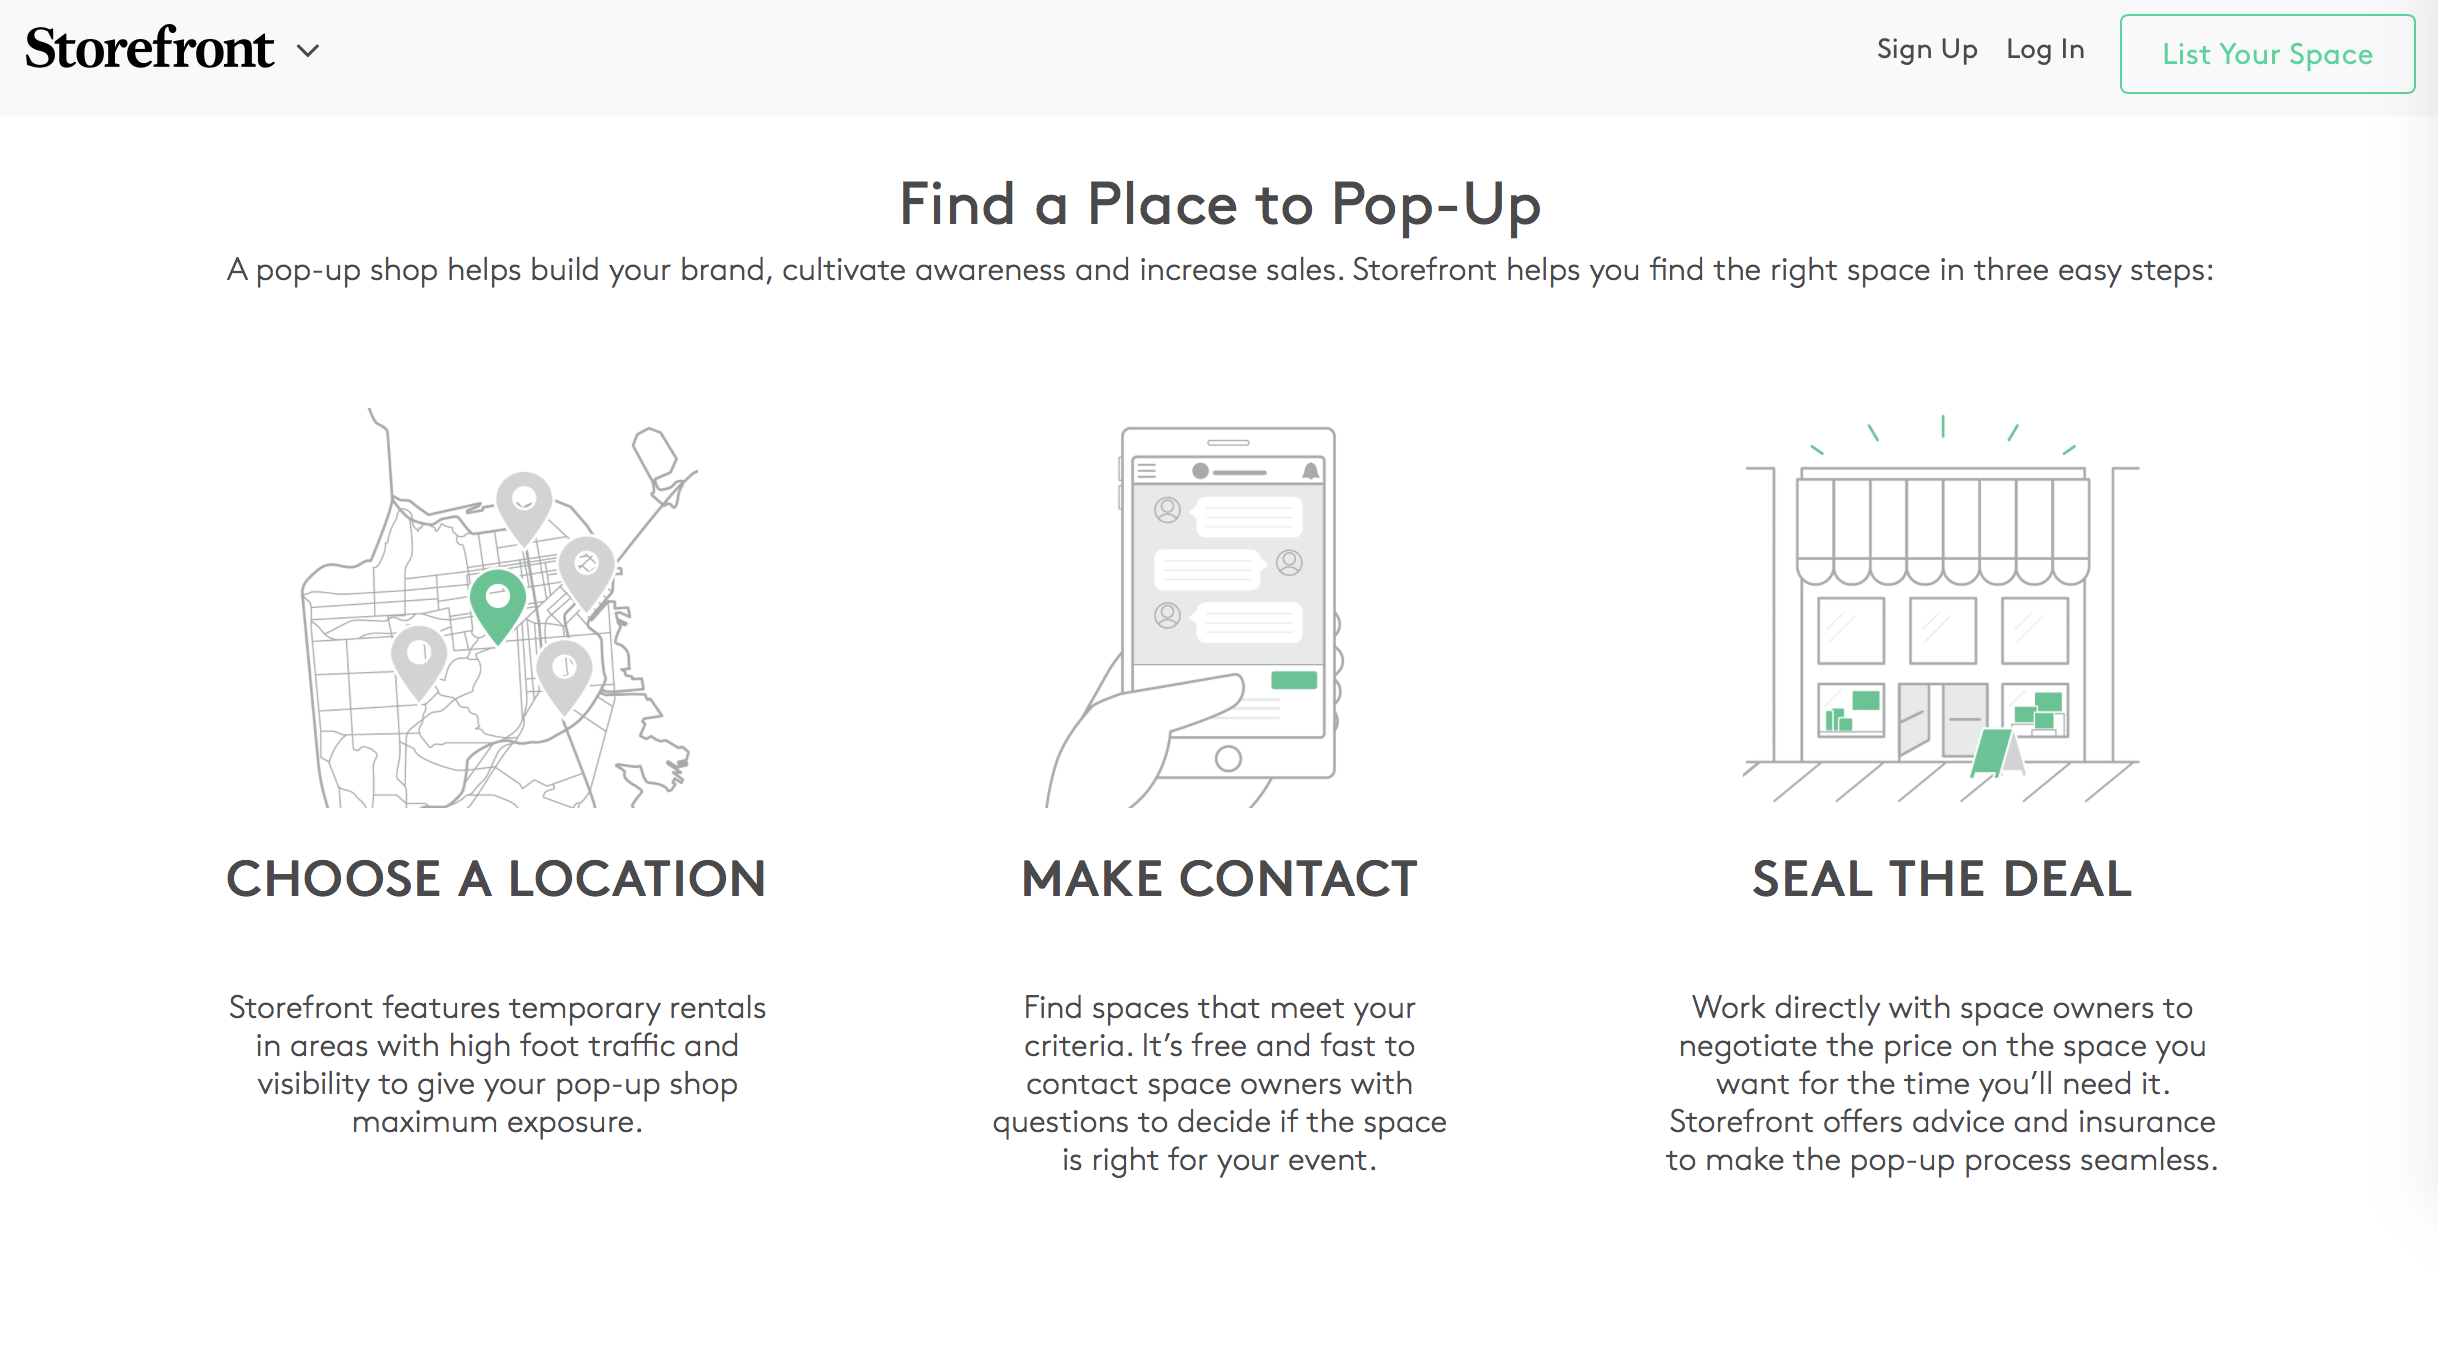 Storefront.com Site Copy